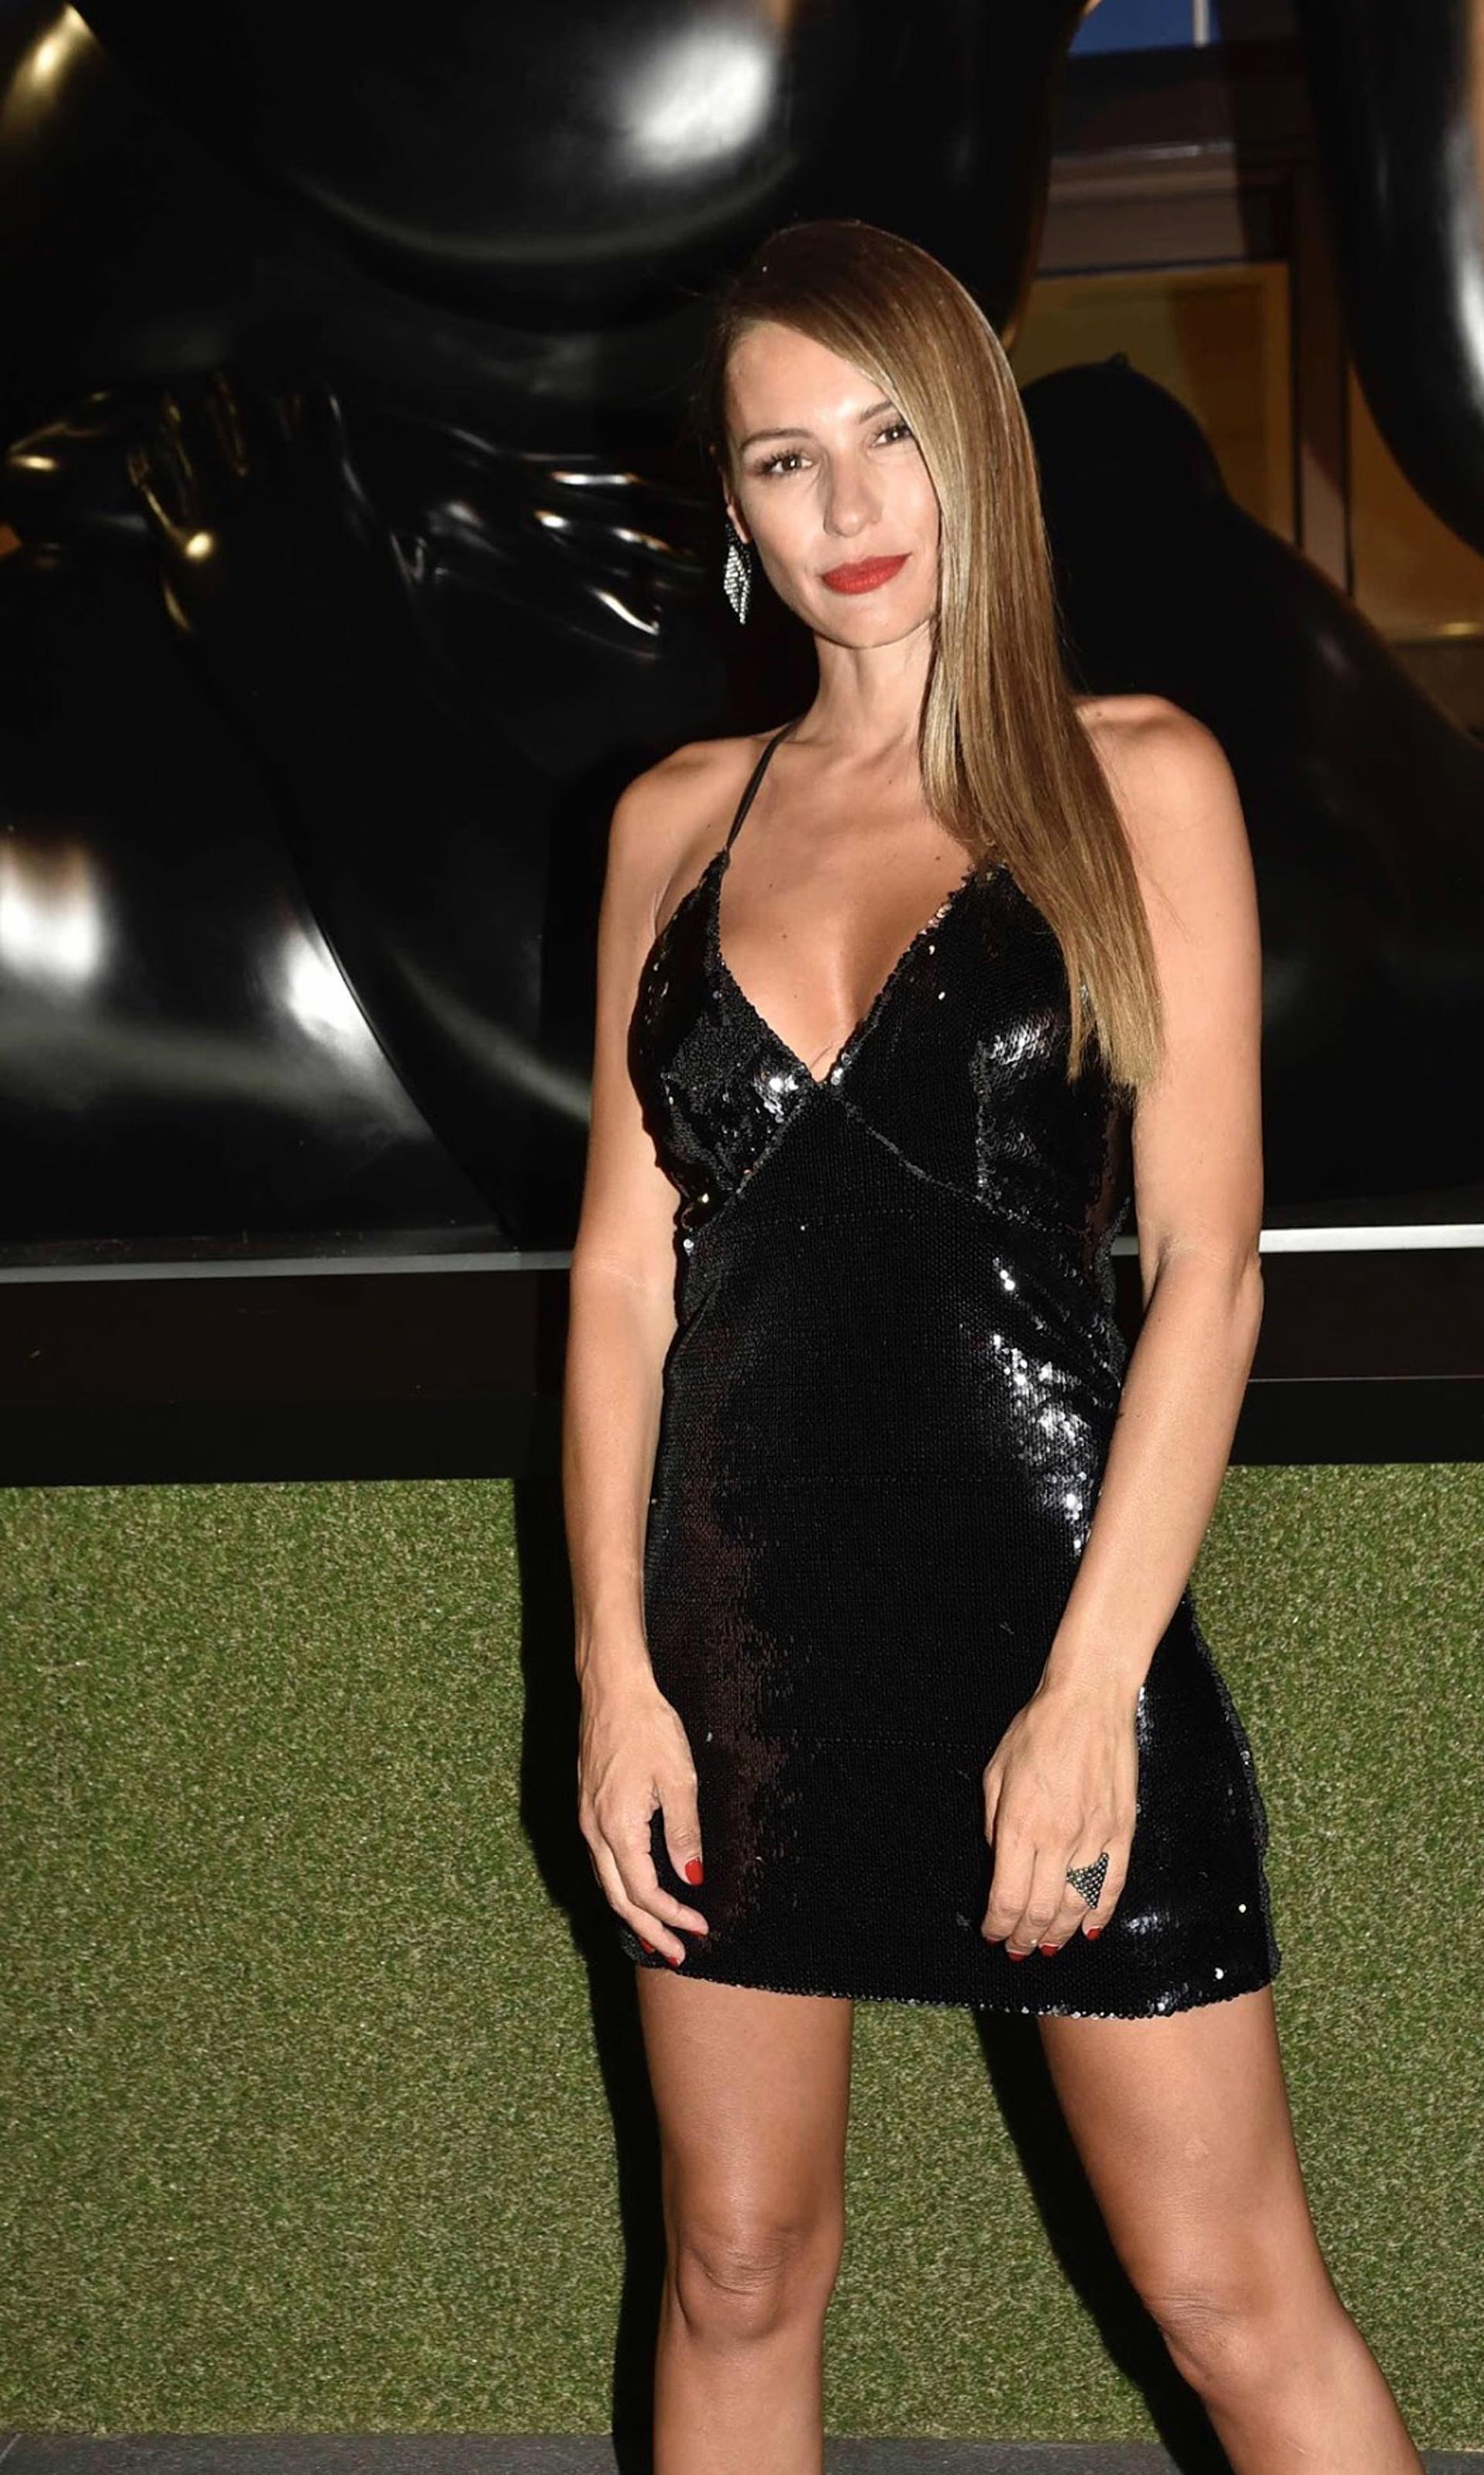 La modelo lució un gran escote con este vestido minifalda de lentejuelas